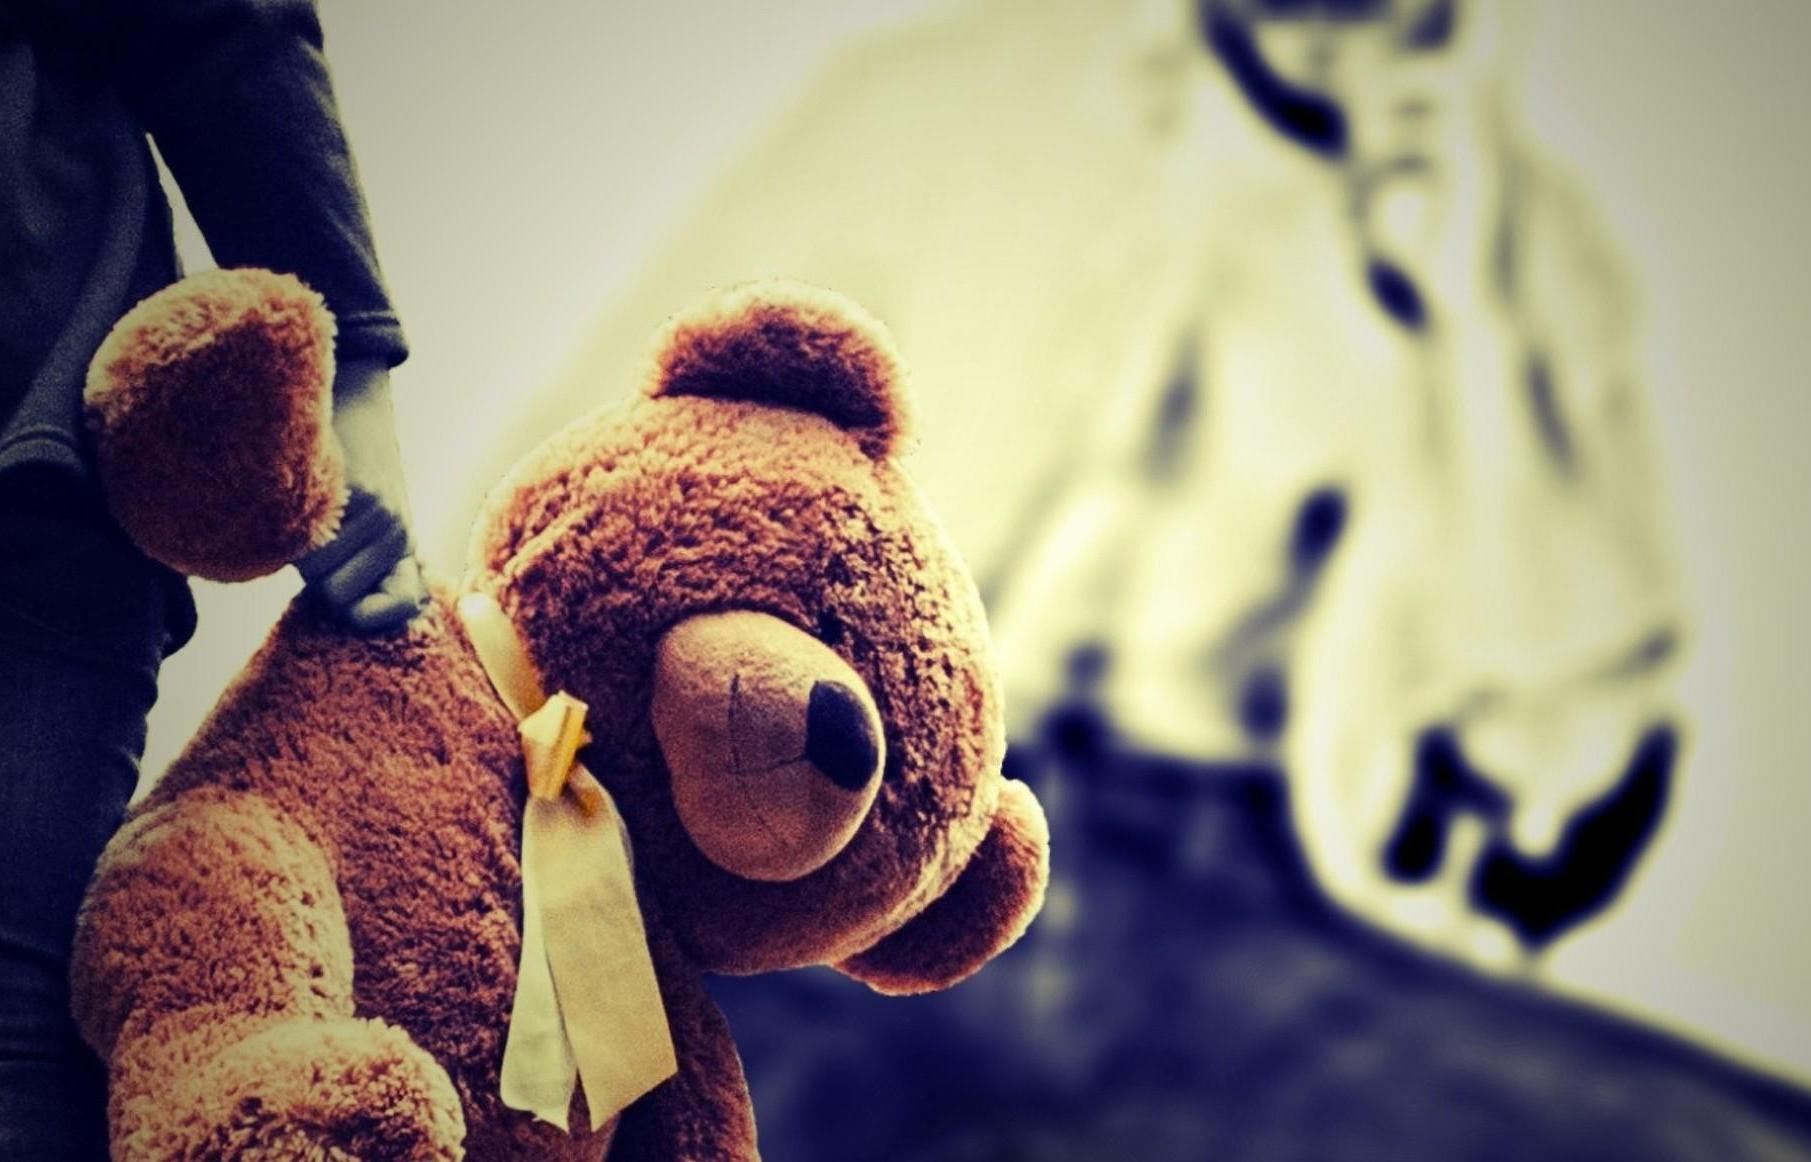 В Тверской области осудили педофила, надругавшегося над девочкой - новости Афанасий